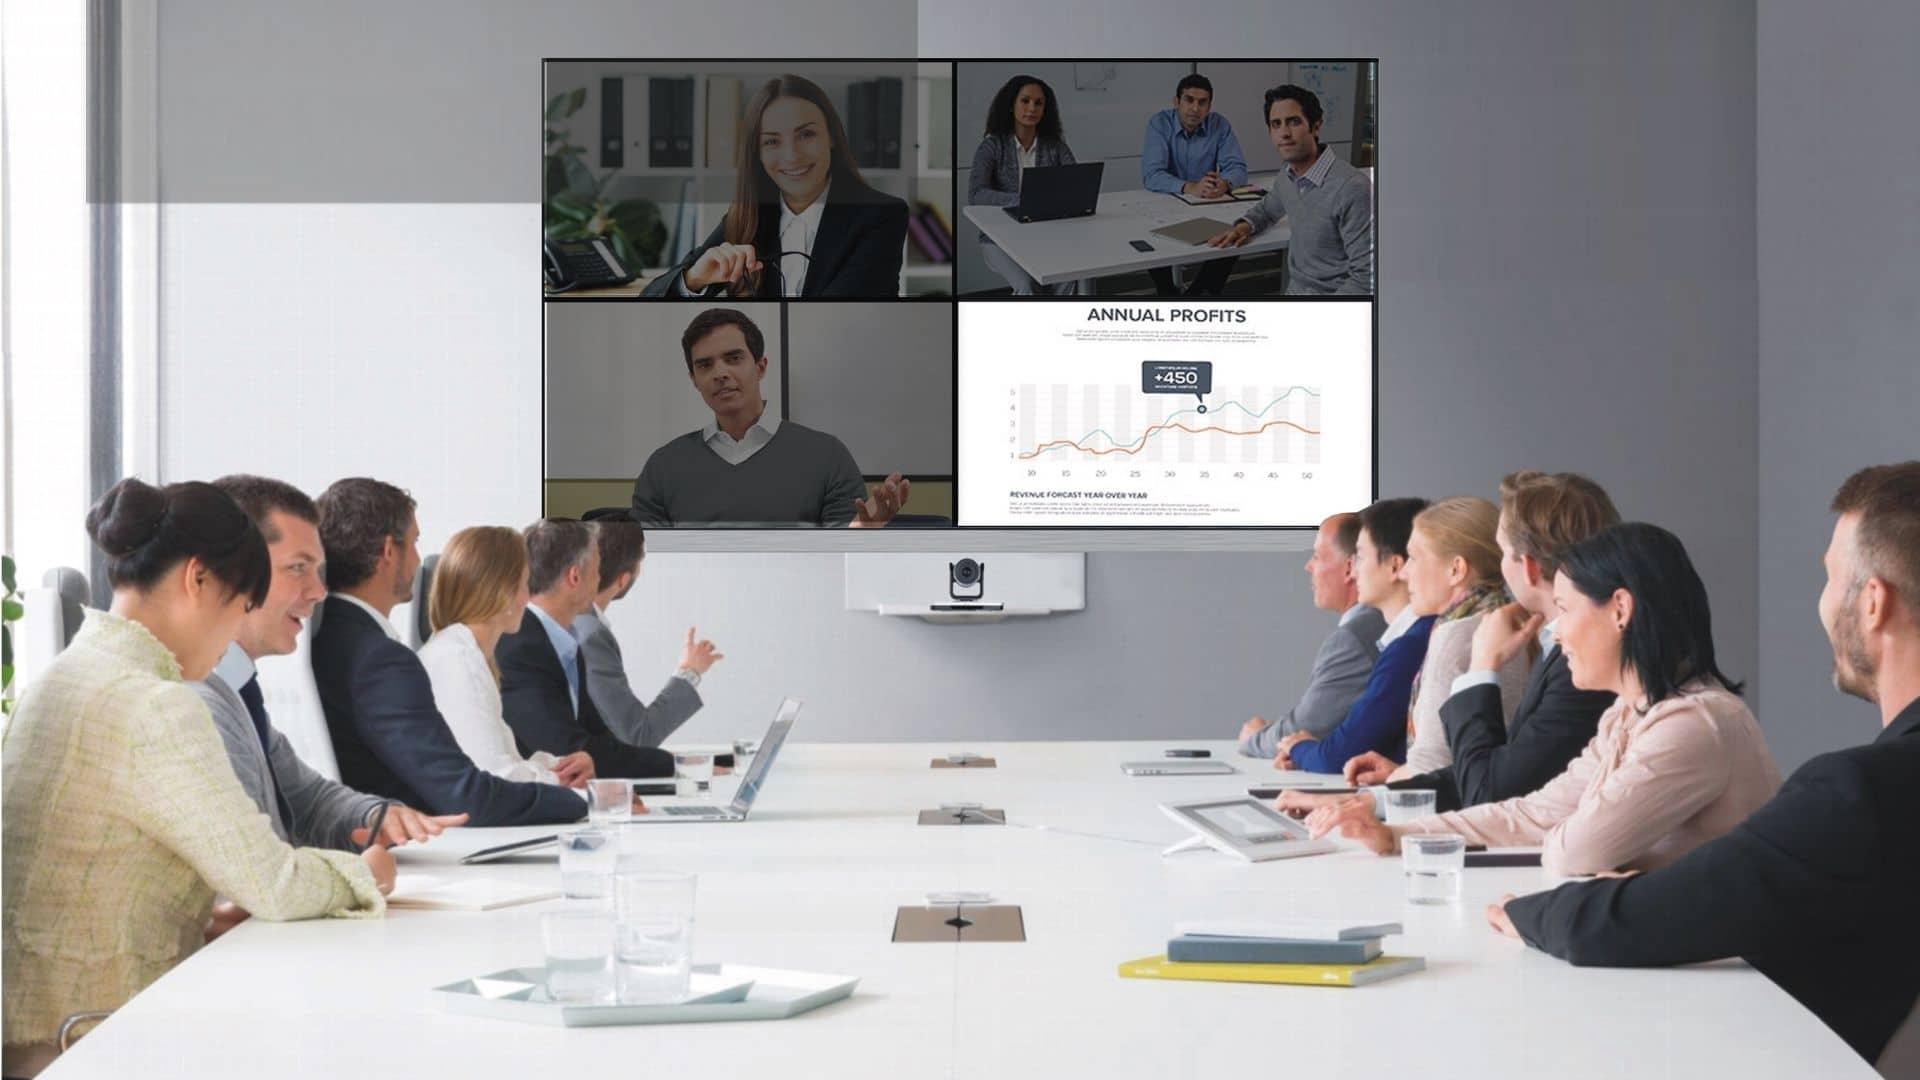 Videokonferenz und Konferenzräume benötigen qualittiv hochwertige Kameras und Beleuchtung. conference-tv bietet beides an